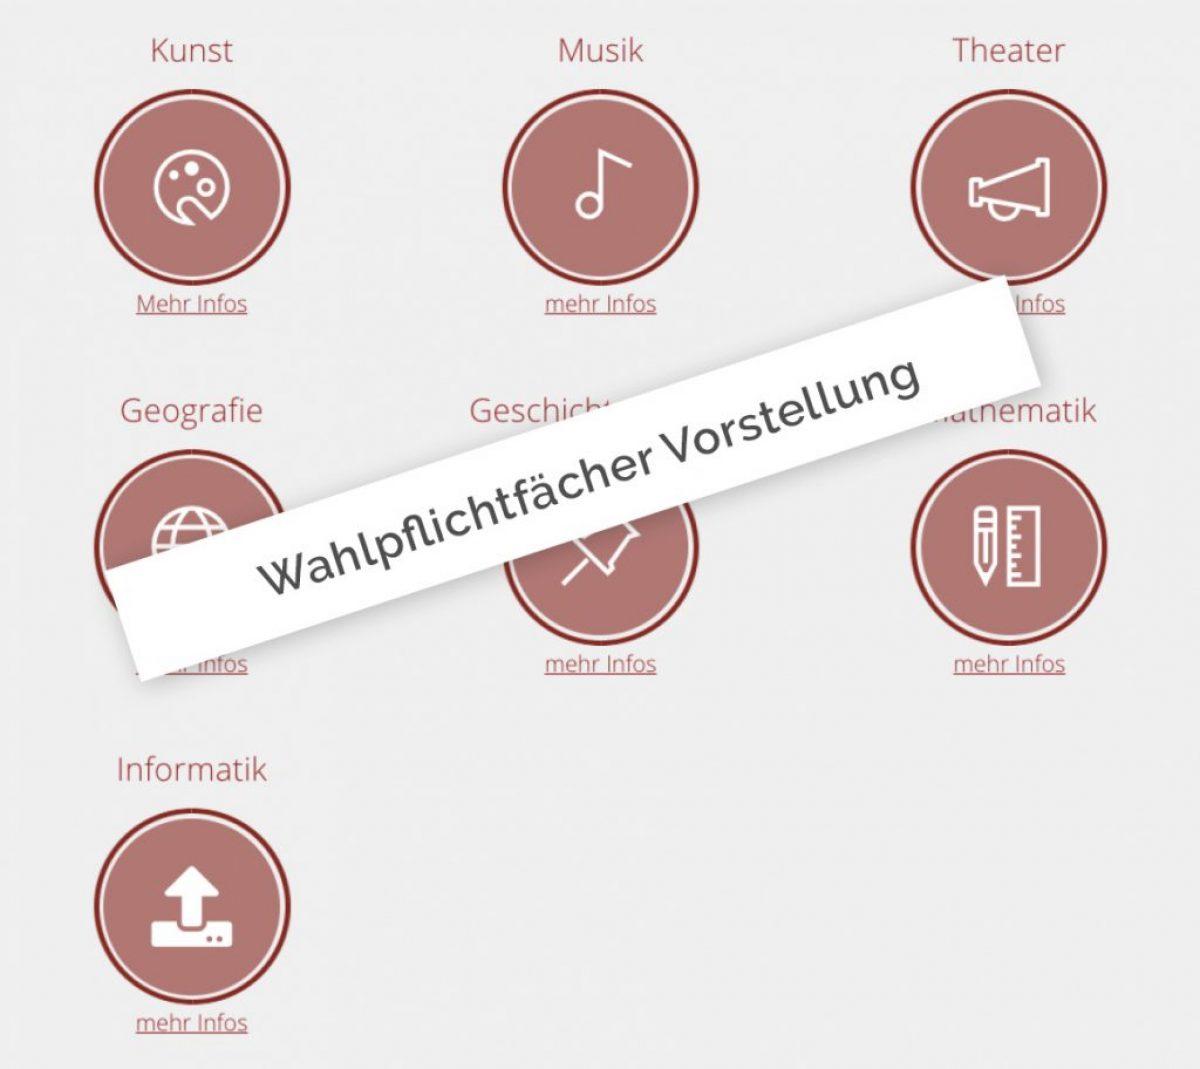 Wahlpflichfaecher_Vorstellung